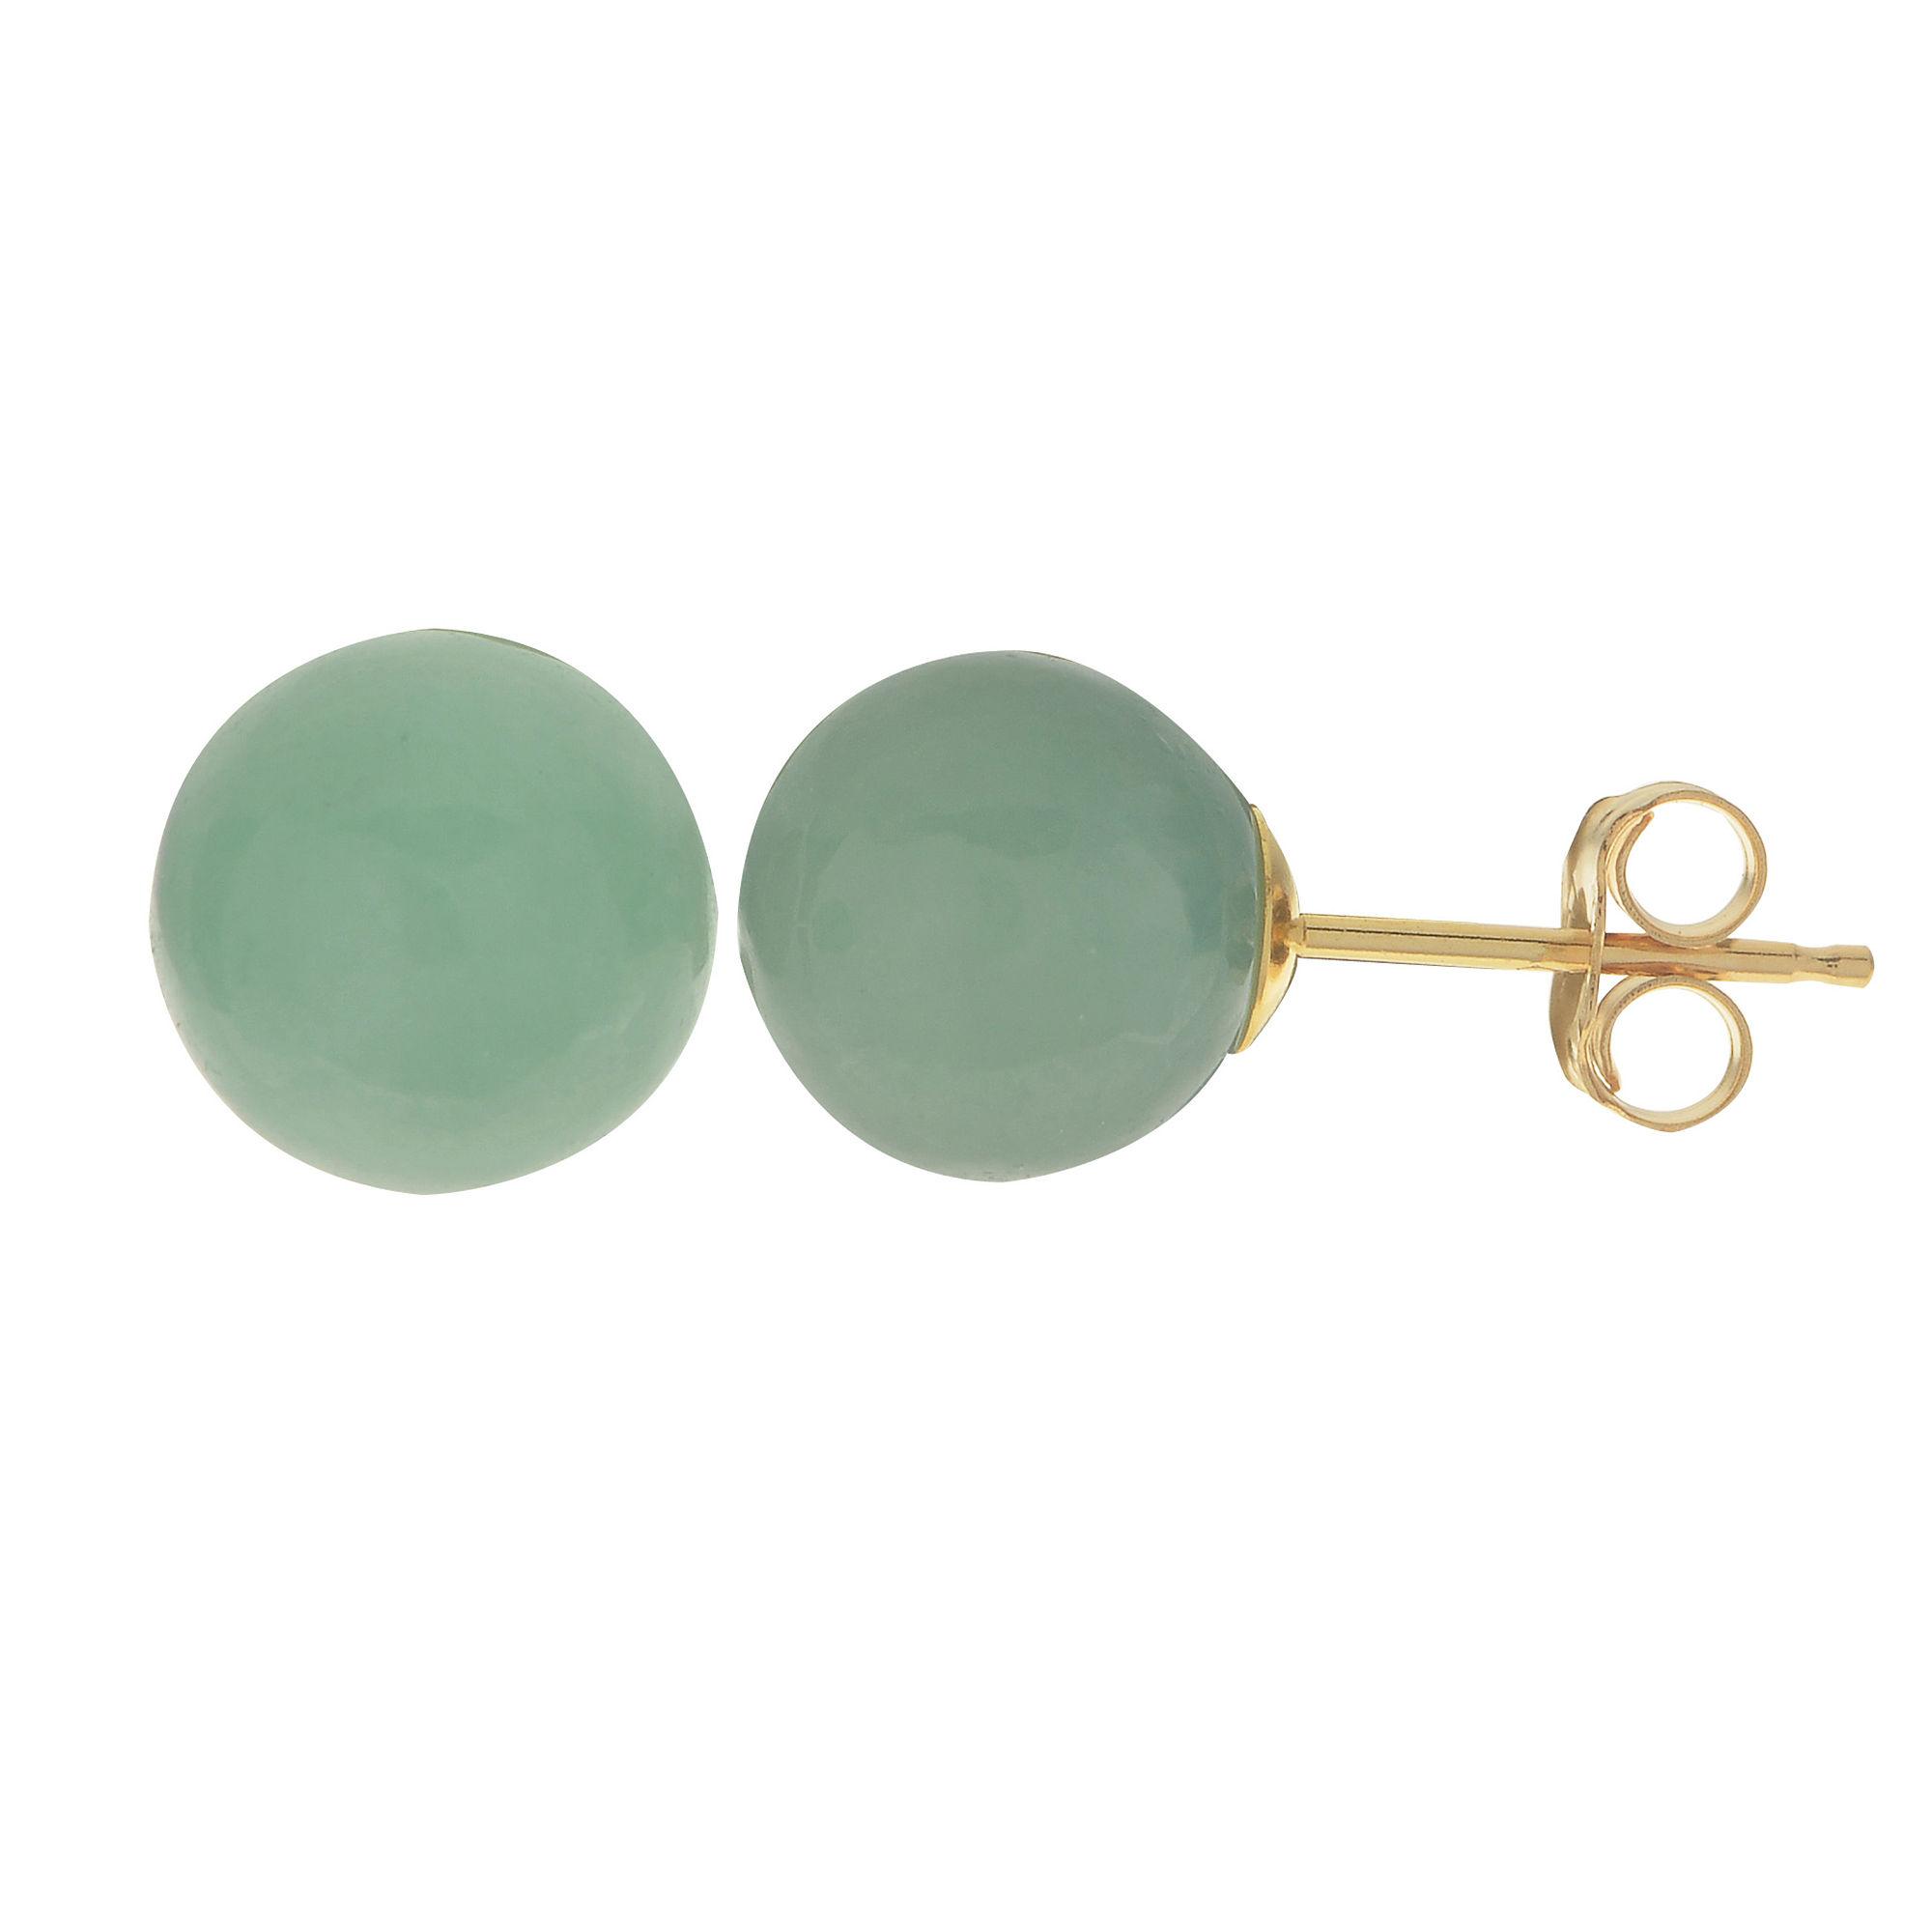 Genuine Jade 14K Yellow Gold Stud Earrings